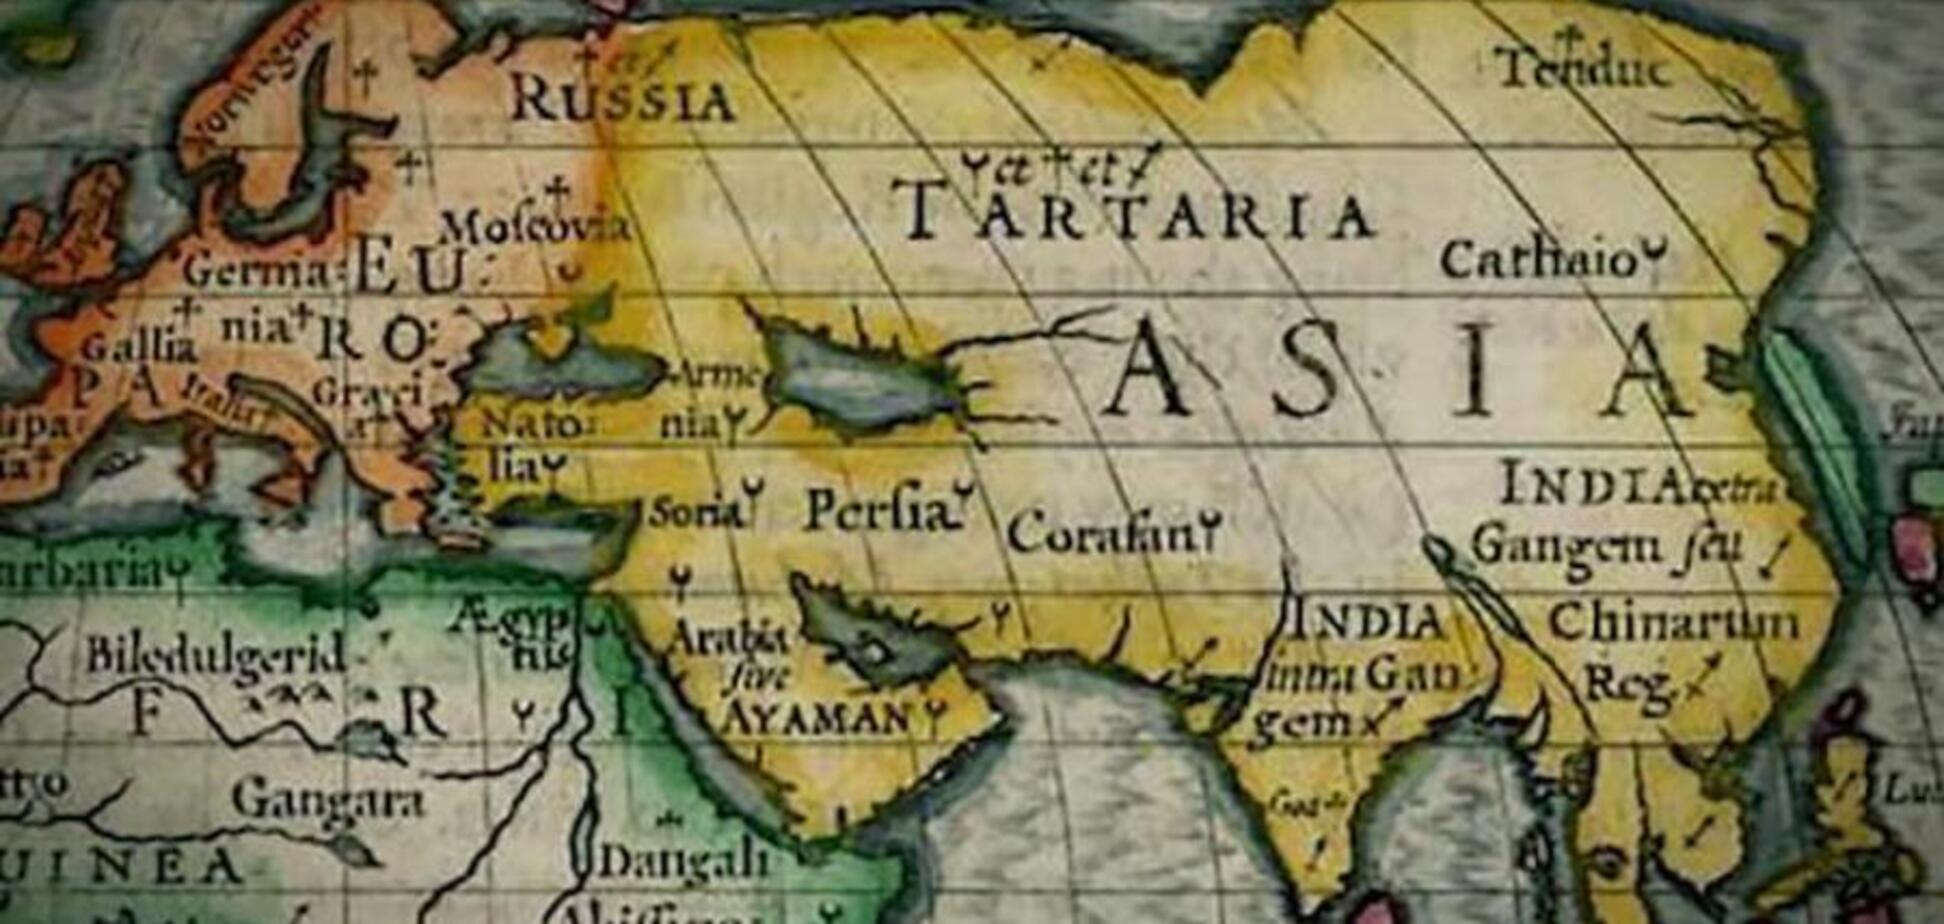 Московия или все-таки Тартария?